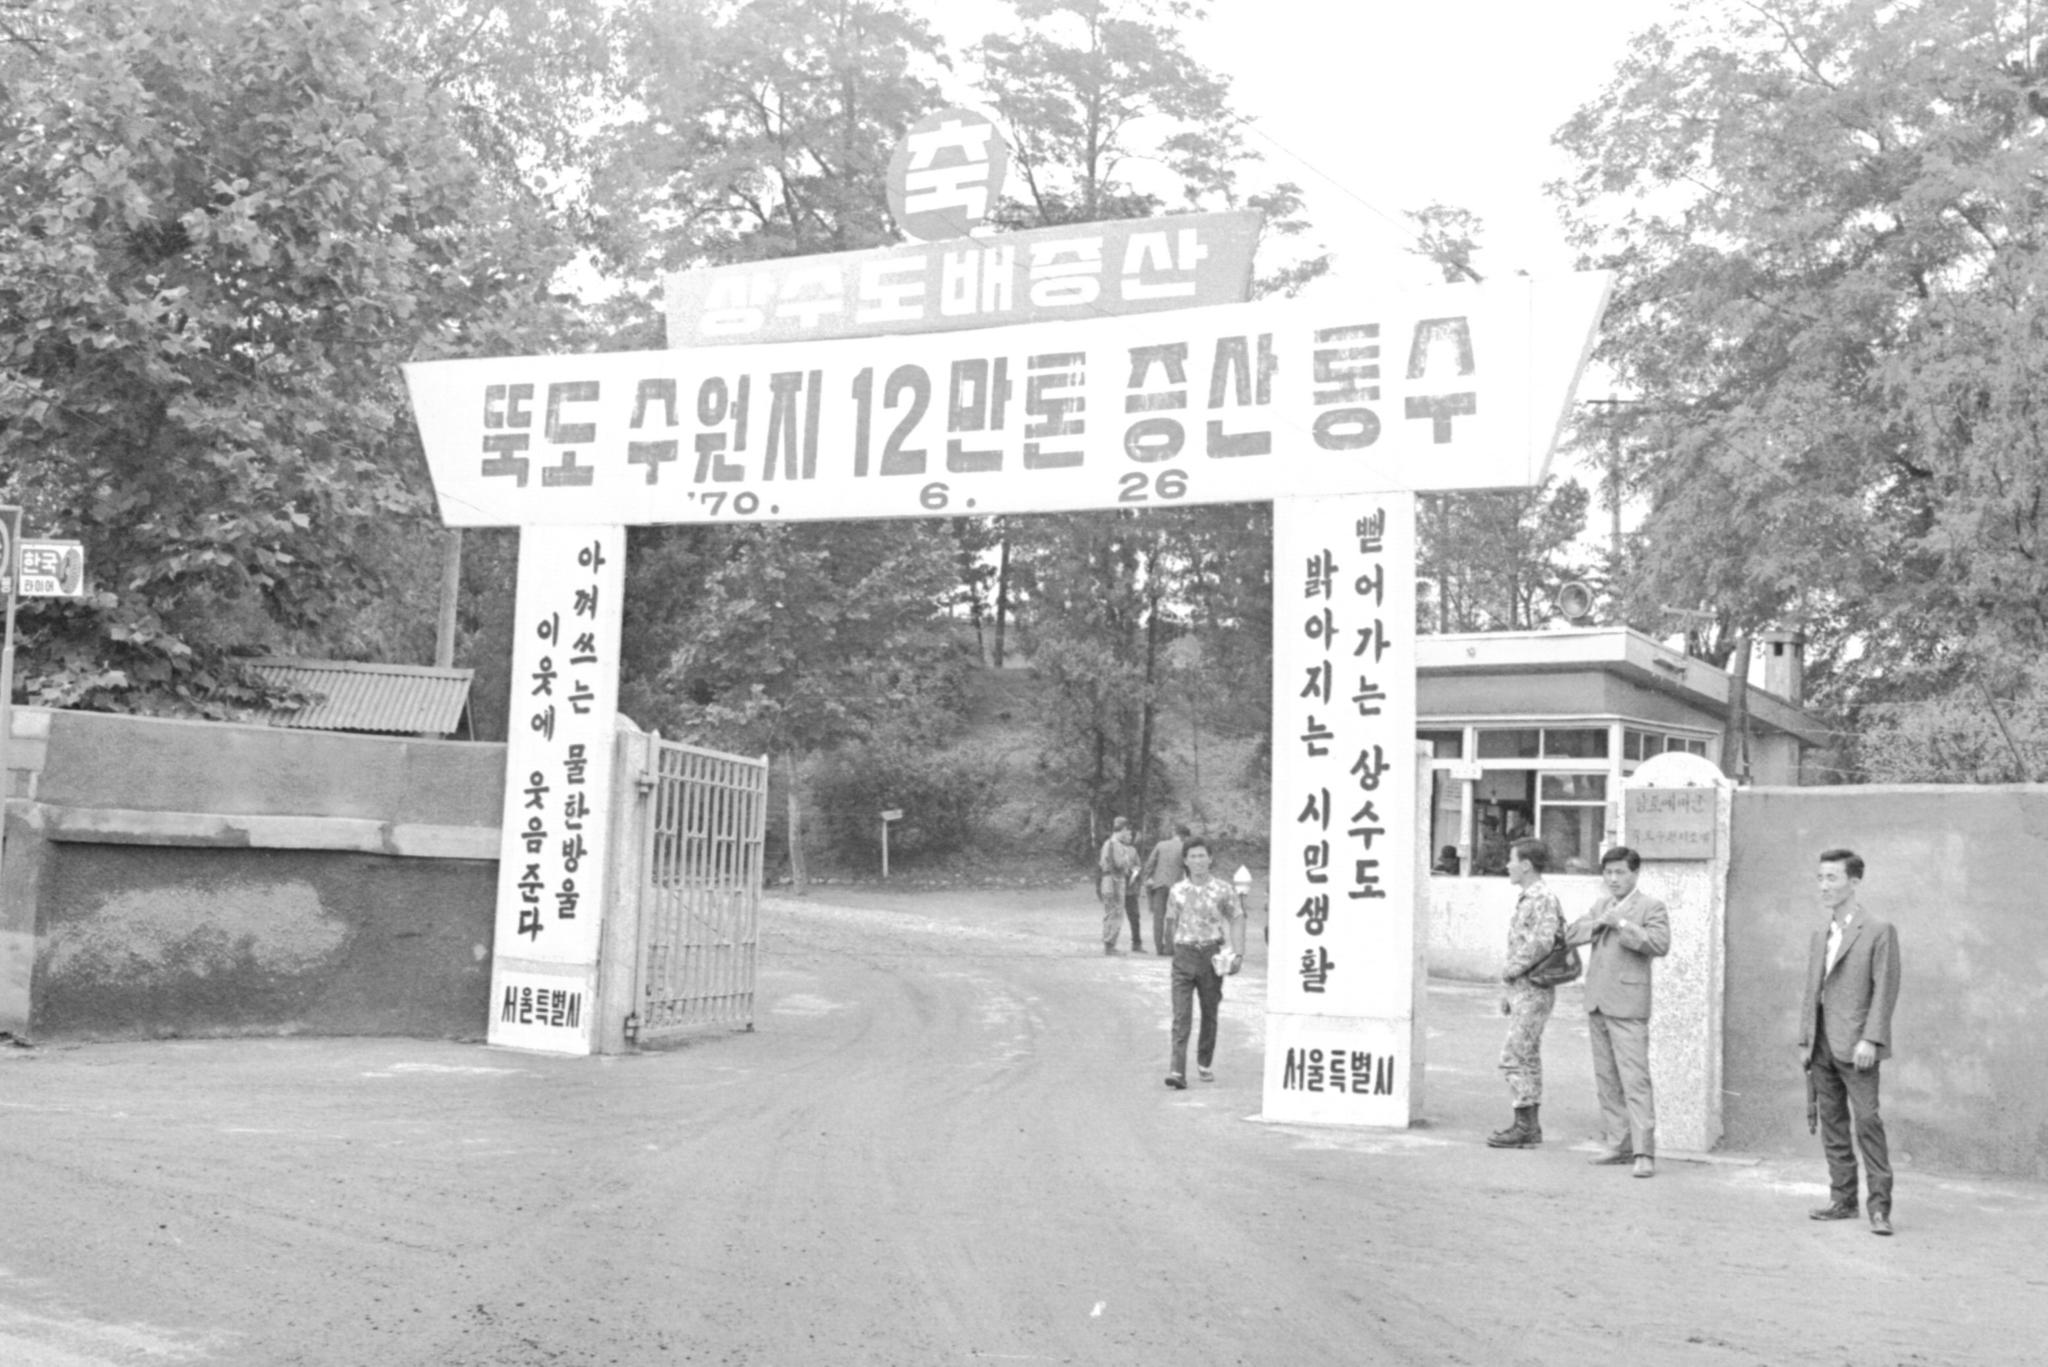 1970년 시설을 확장한 서울 뚝도 정수장의 모습. 국내 최초 정수장인 뚝도정수장은 1908년 수돗물 생산을 시작했다. [중앙포토]